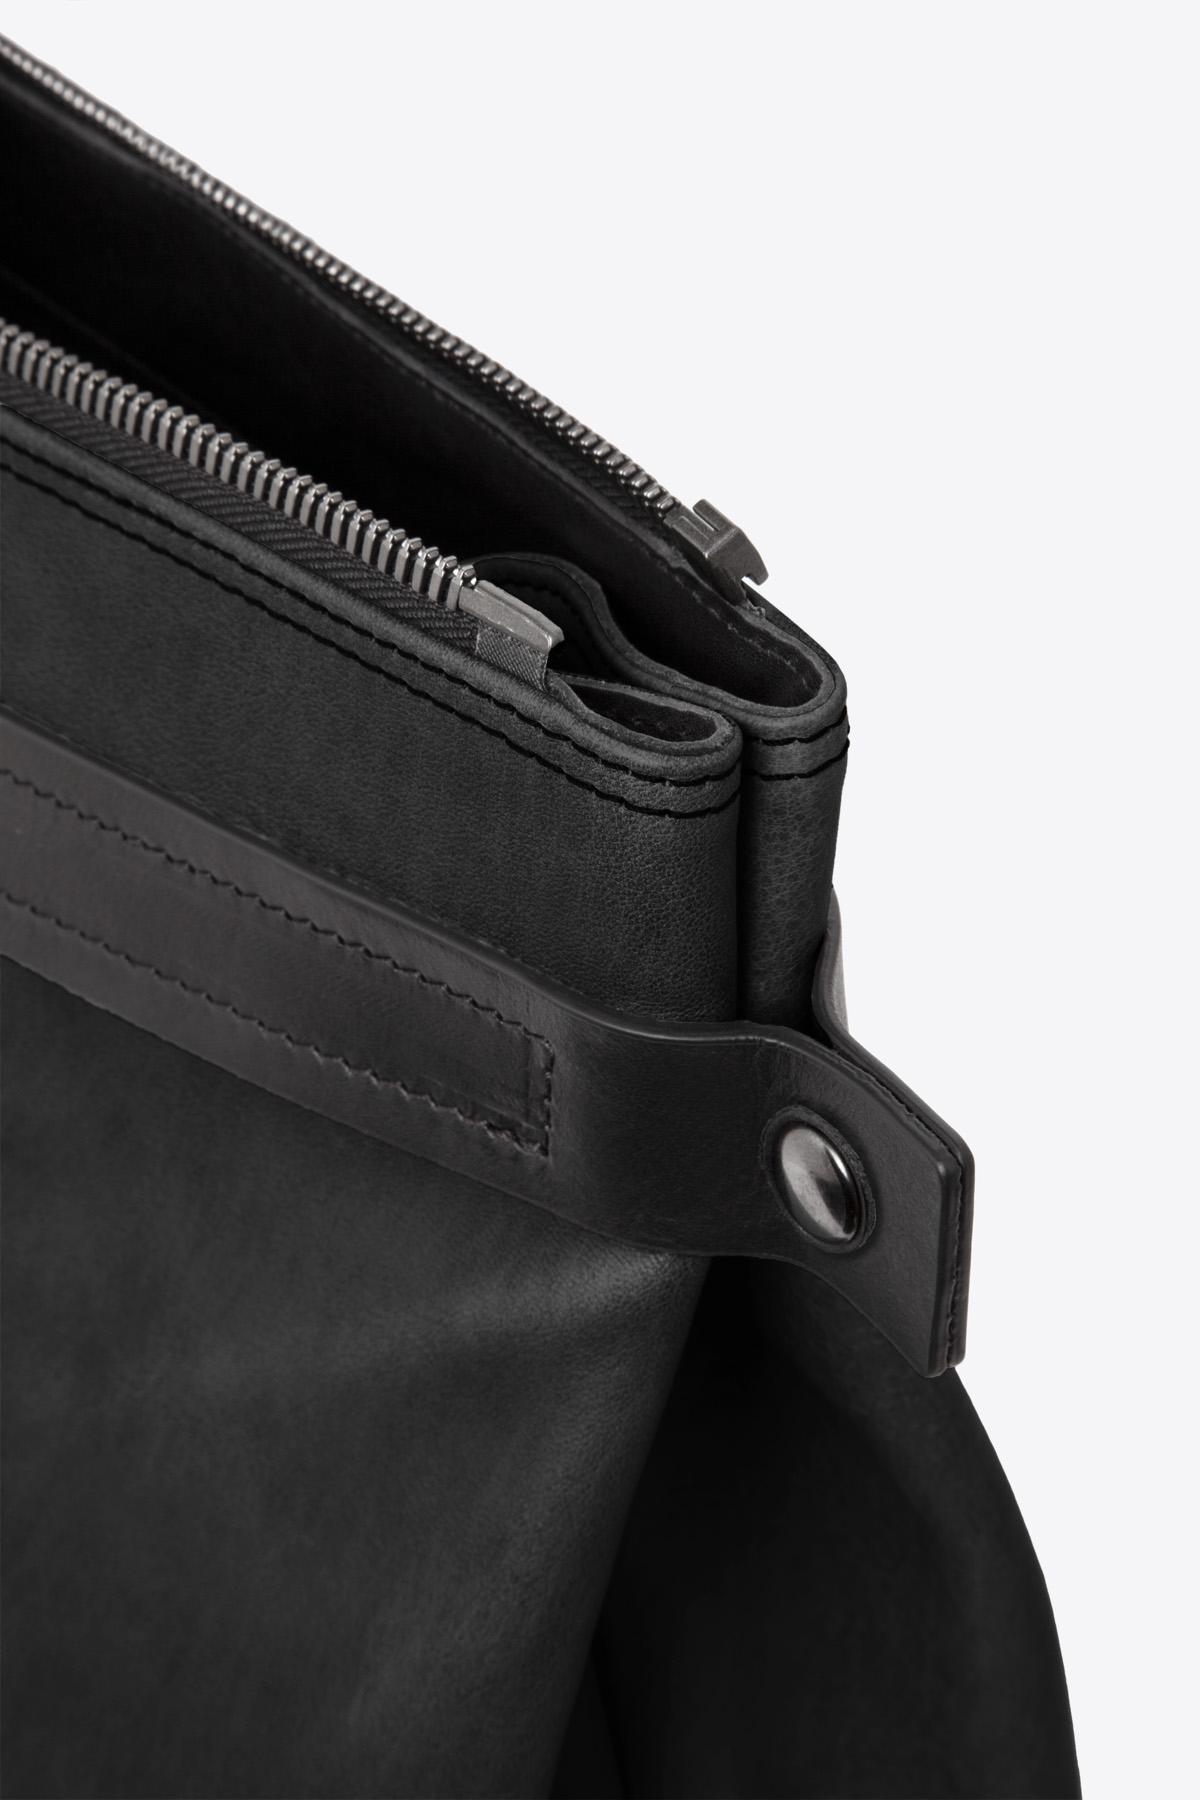 dclr007s-tote-a1-black-detail